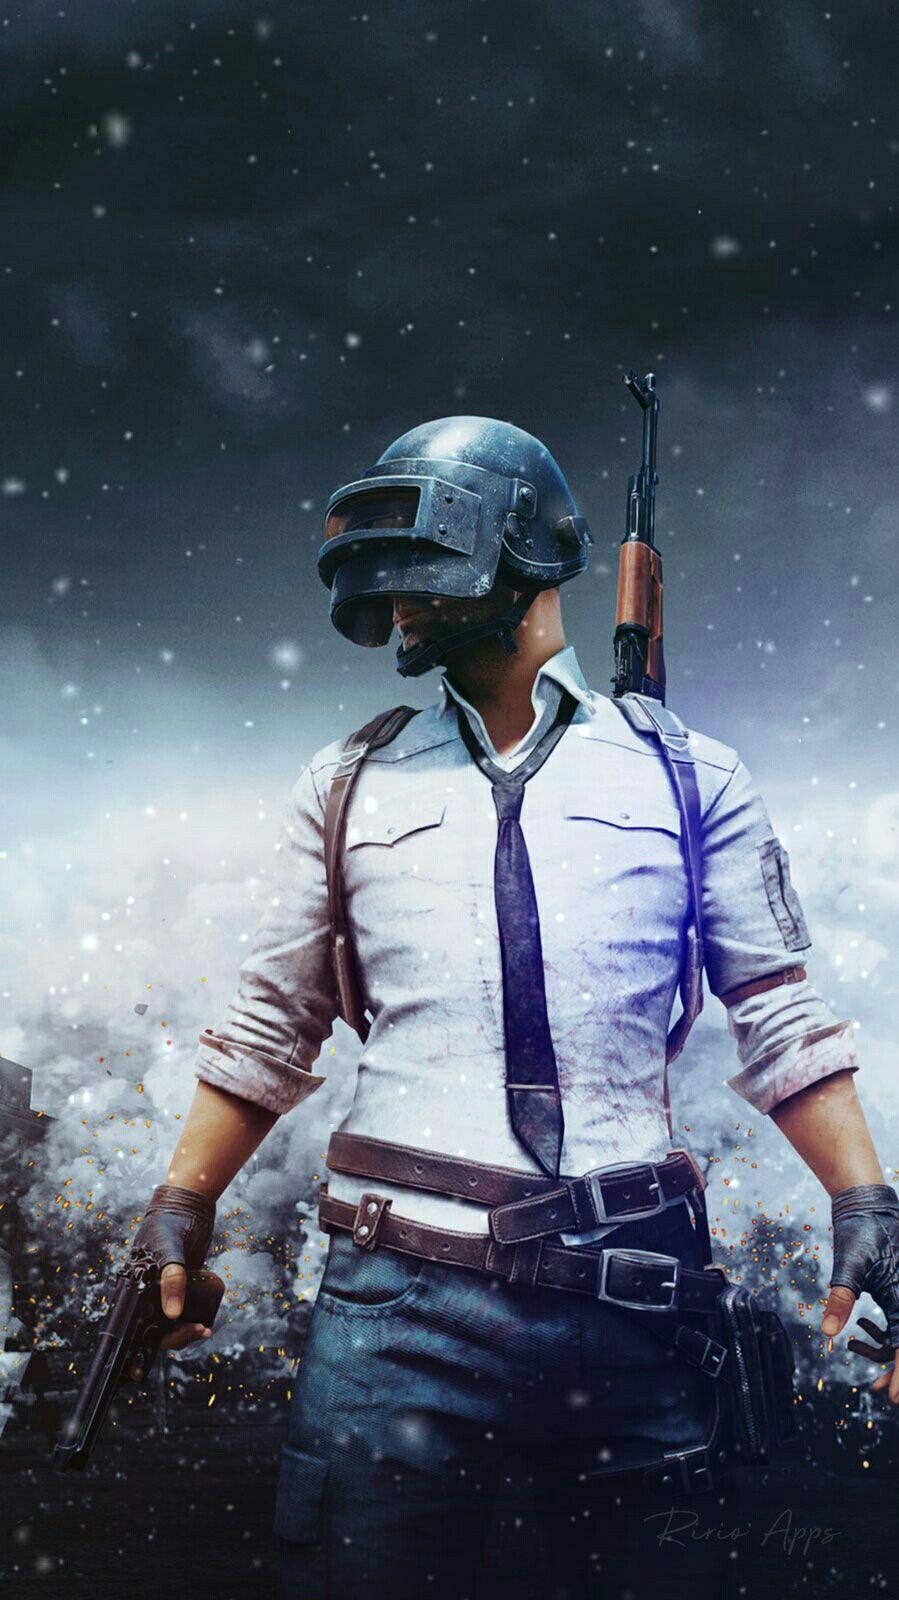 PUBG Helmet Guy Playerunknown's Battlegrounds Game